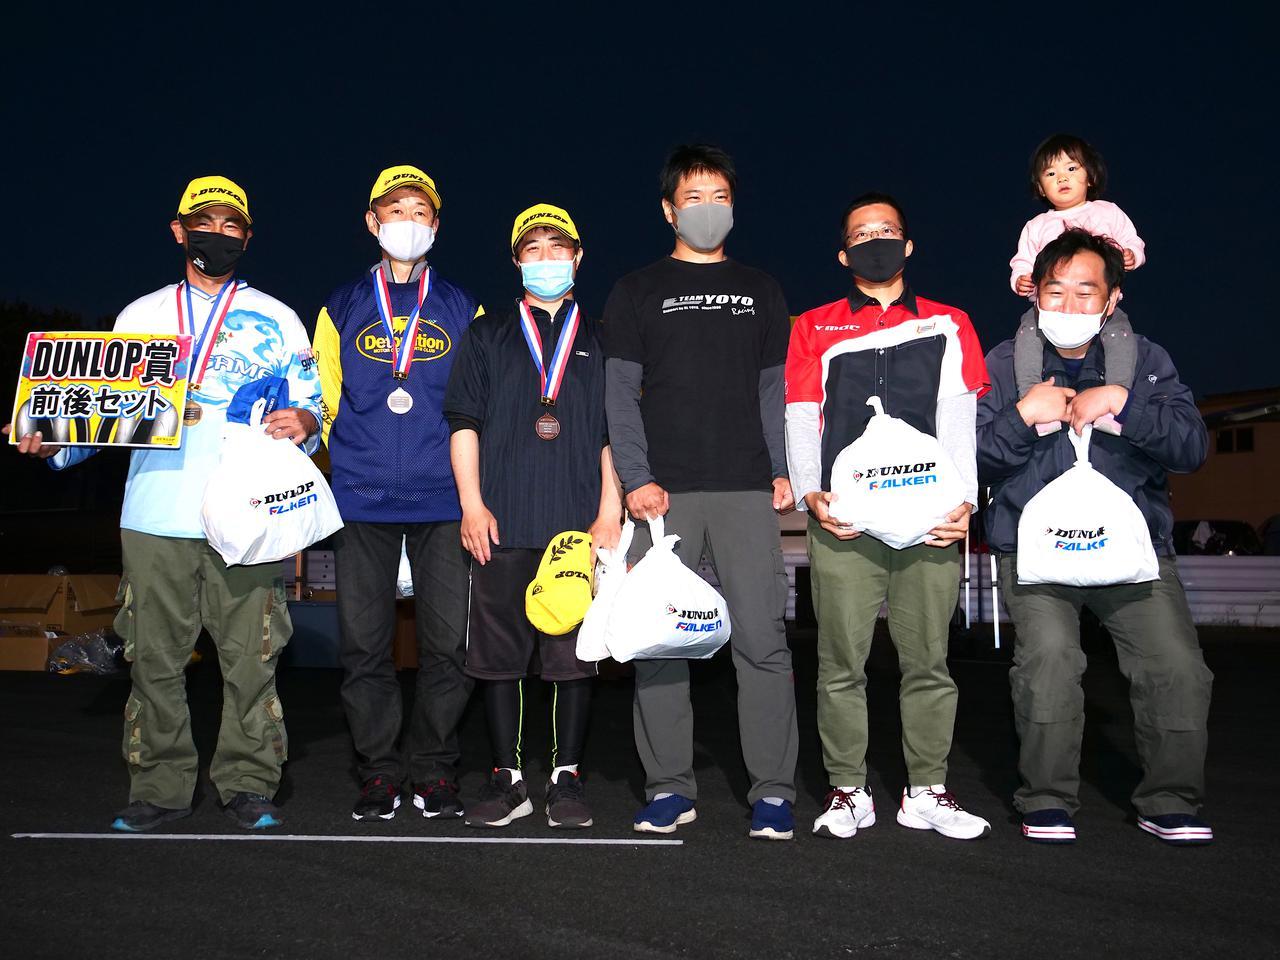 画像: 左から1位・辻家治彦選手(A級)、2位・菊谷宏威選手(A級)、3位・井川洋一選手(C1級)、4位・大瀧豊明選手(A級)、5位・関吉美智選手(A級)、6位・朝野功治選手(A級)